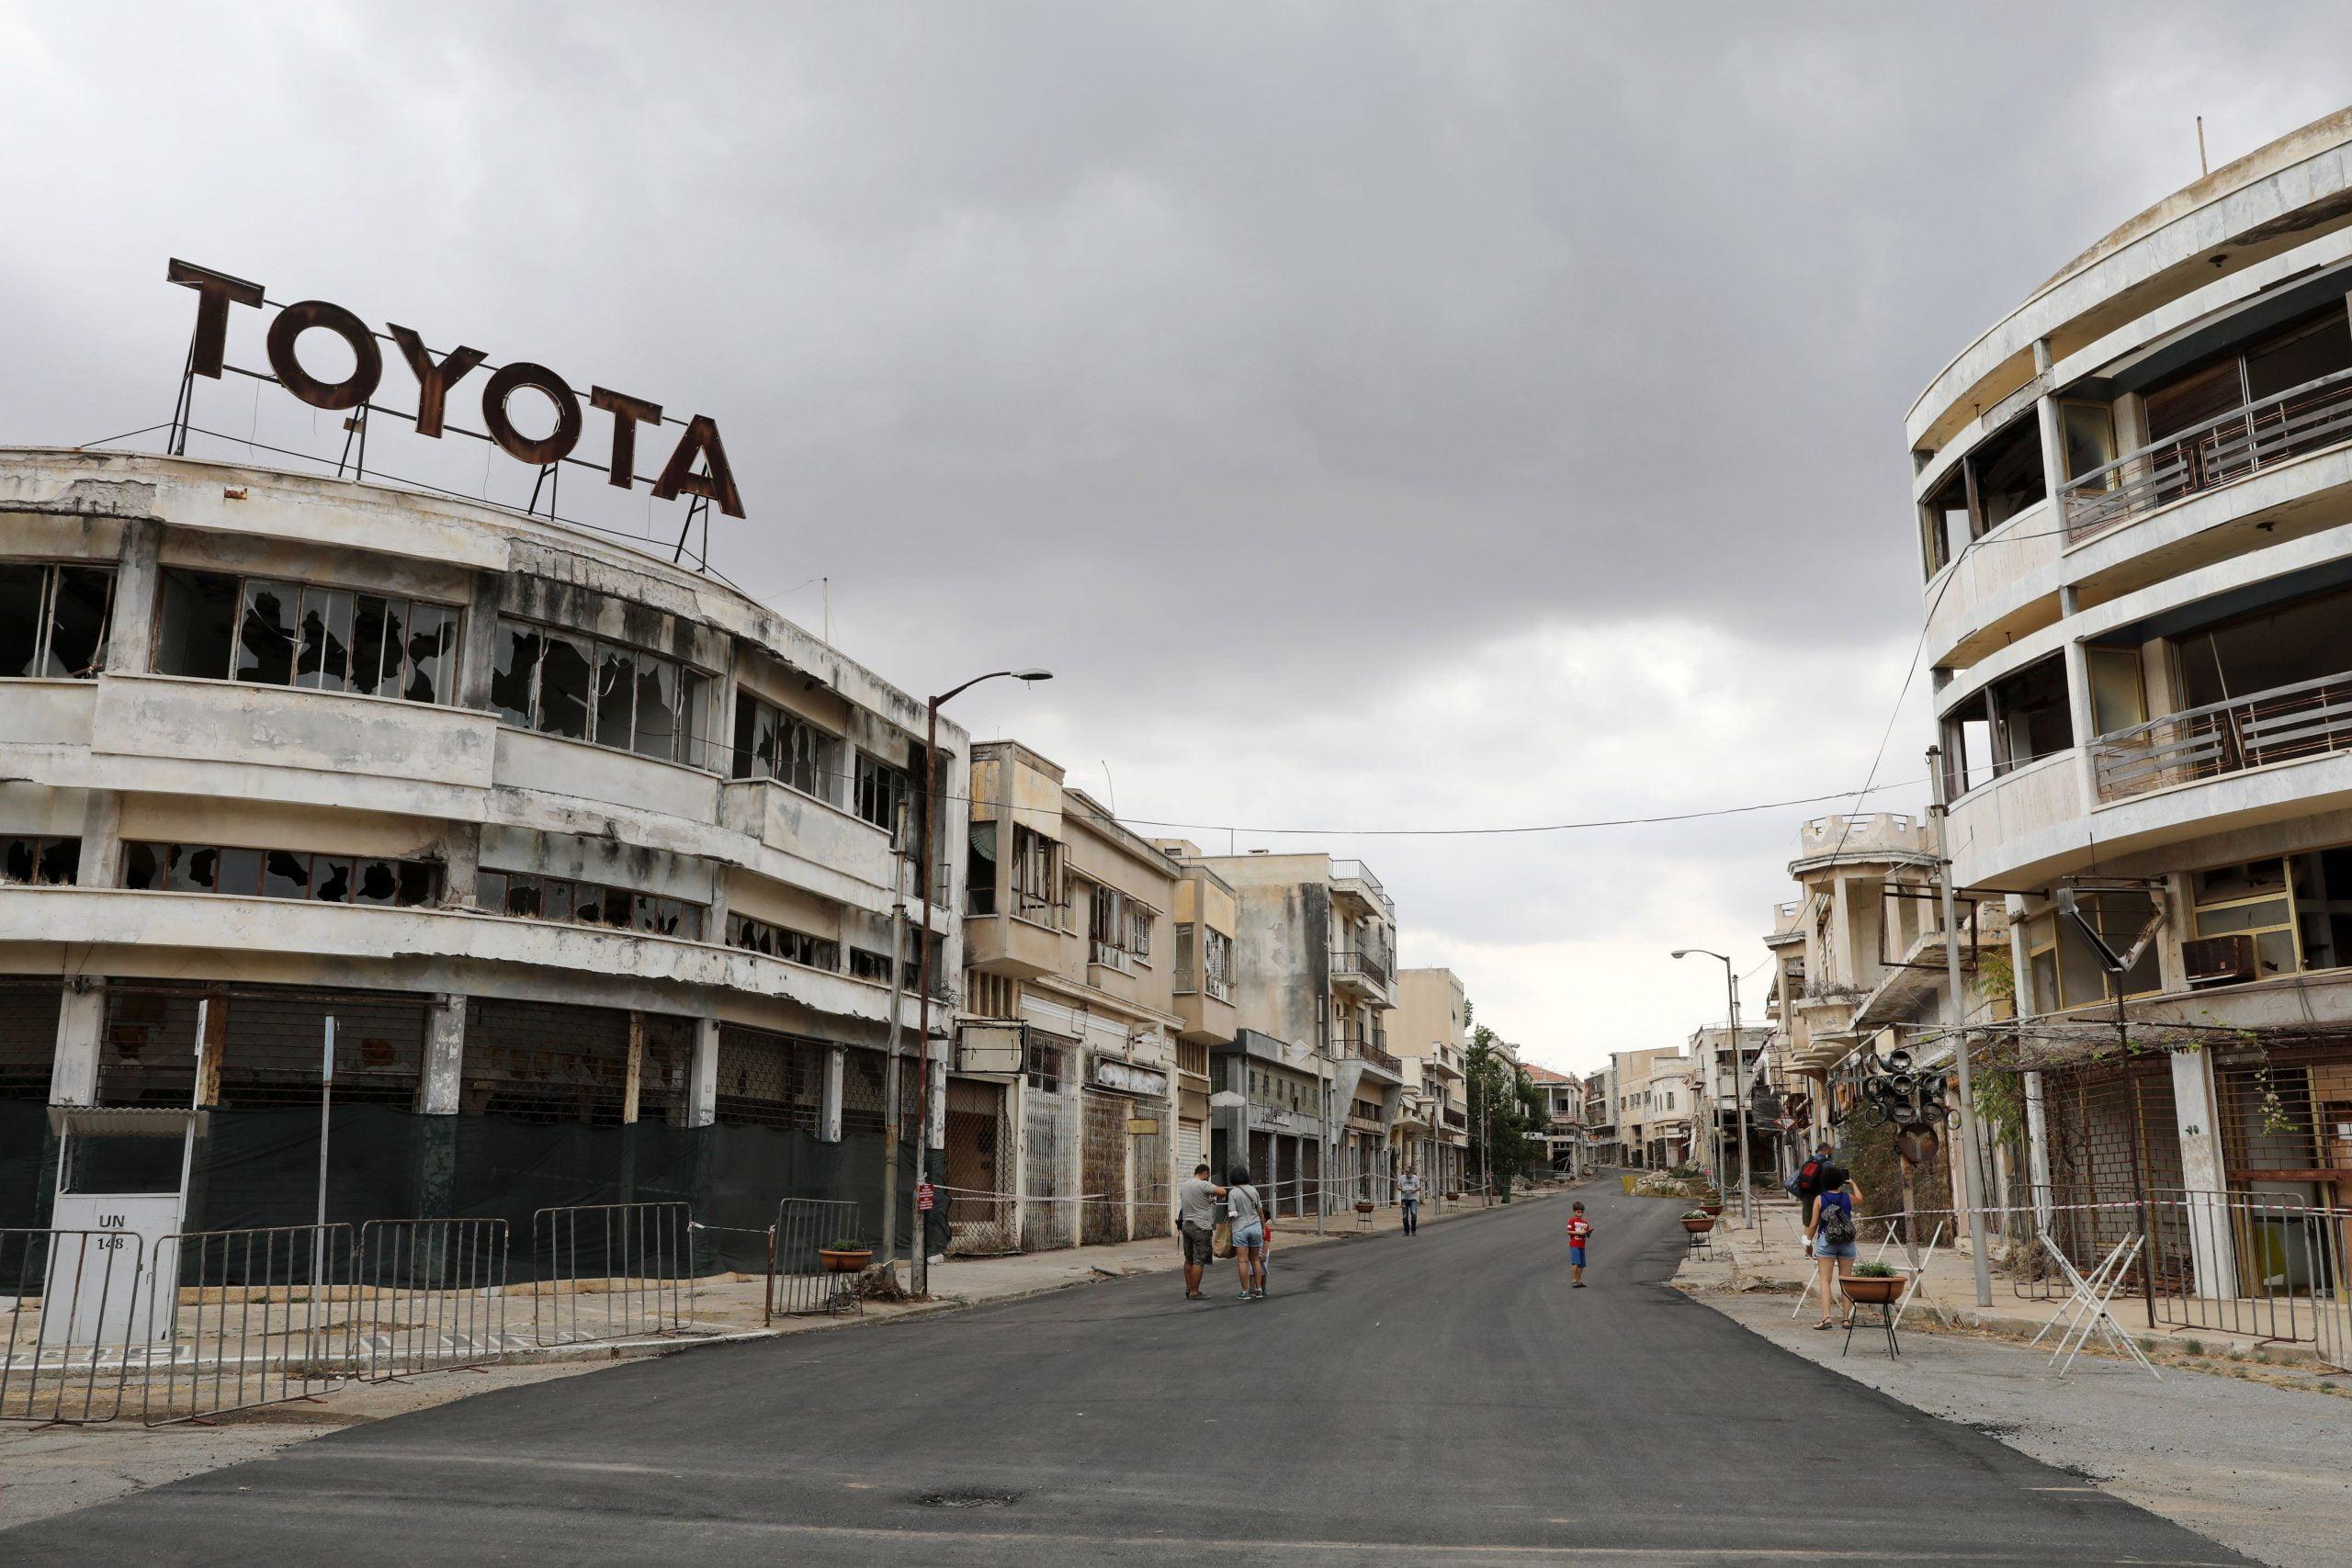 Προσοχή στην παγίδα των προσφυγών, οδηγεί στην επικύρωση της κατοχής στην Κύπρο